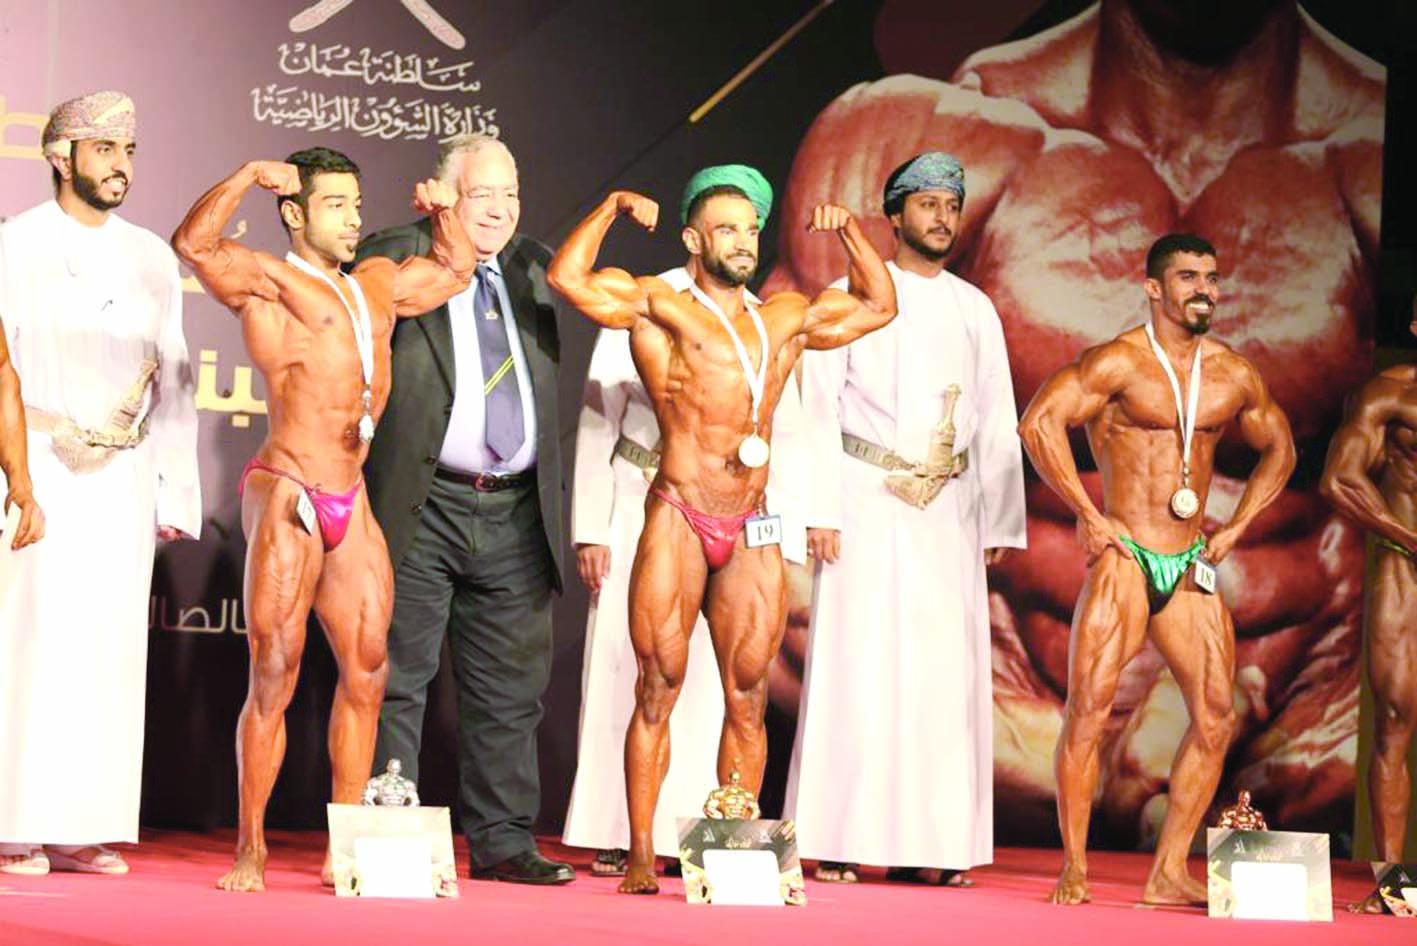 """في بطولة عمان المفتوحة الـ16 لبناء الأجسام والفيزيكالحوسني يفوز بلقب """"بطل الأبطال"""""""